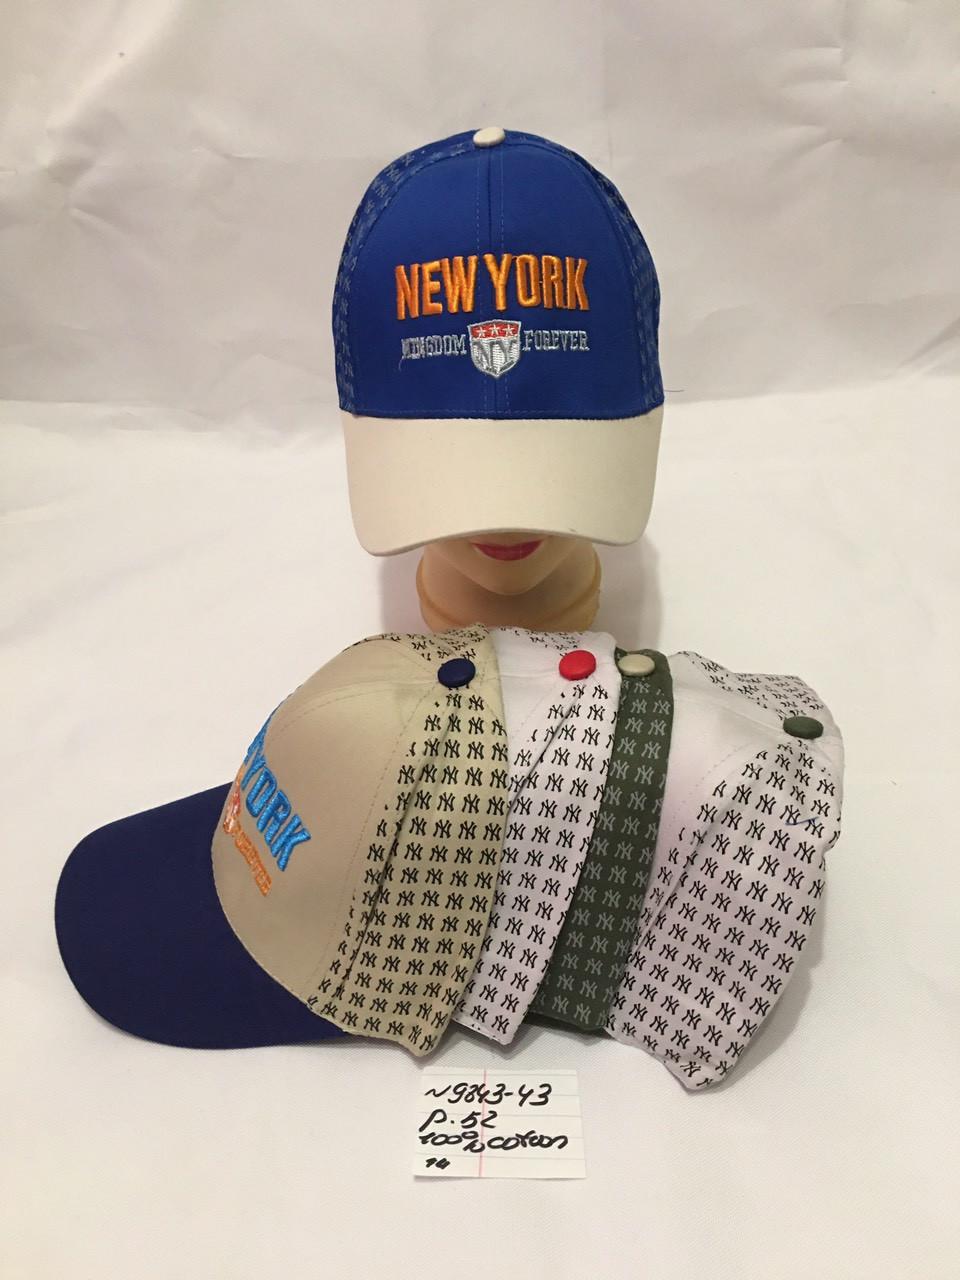 Летняя стильная детская кепка  для мальчика New York р.52 100% cotton